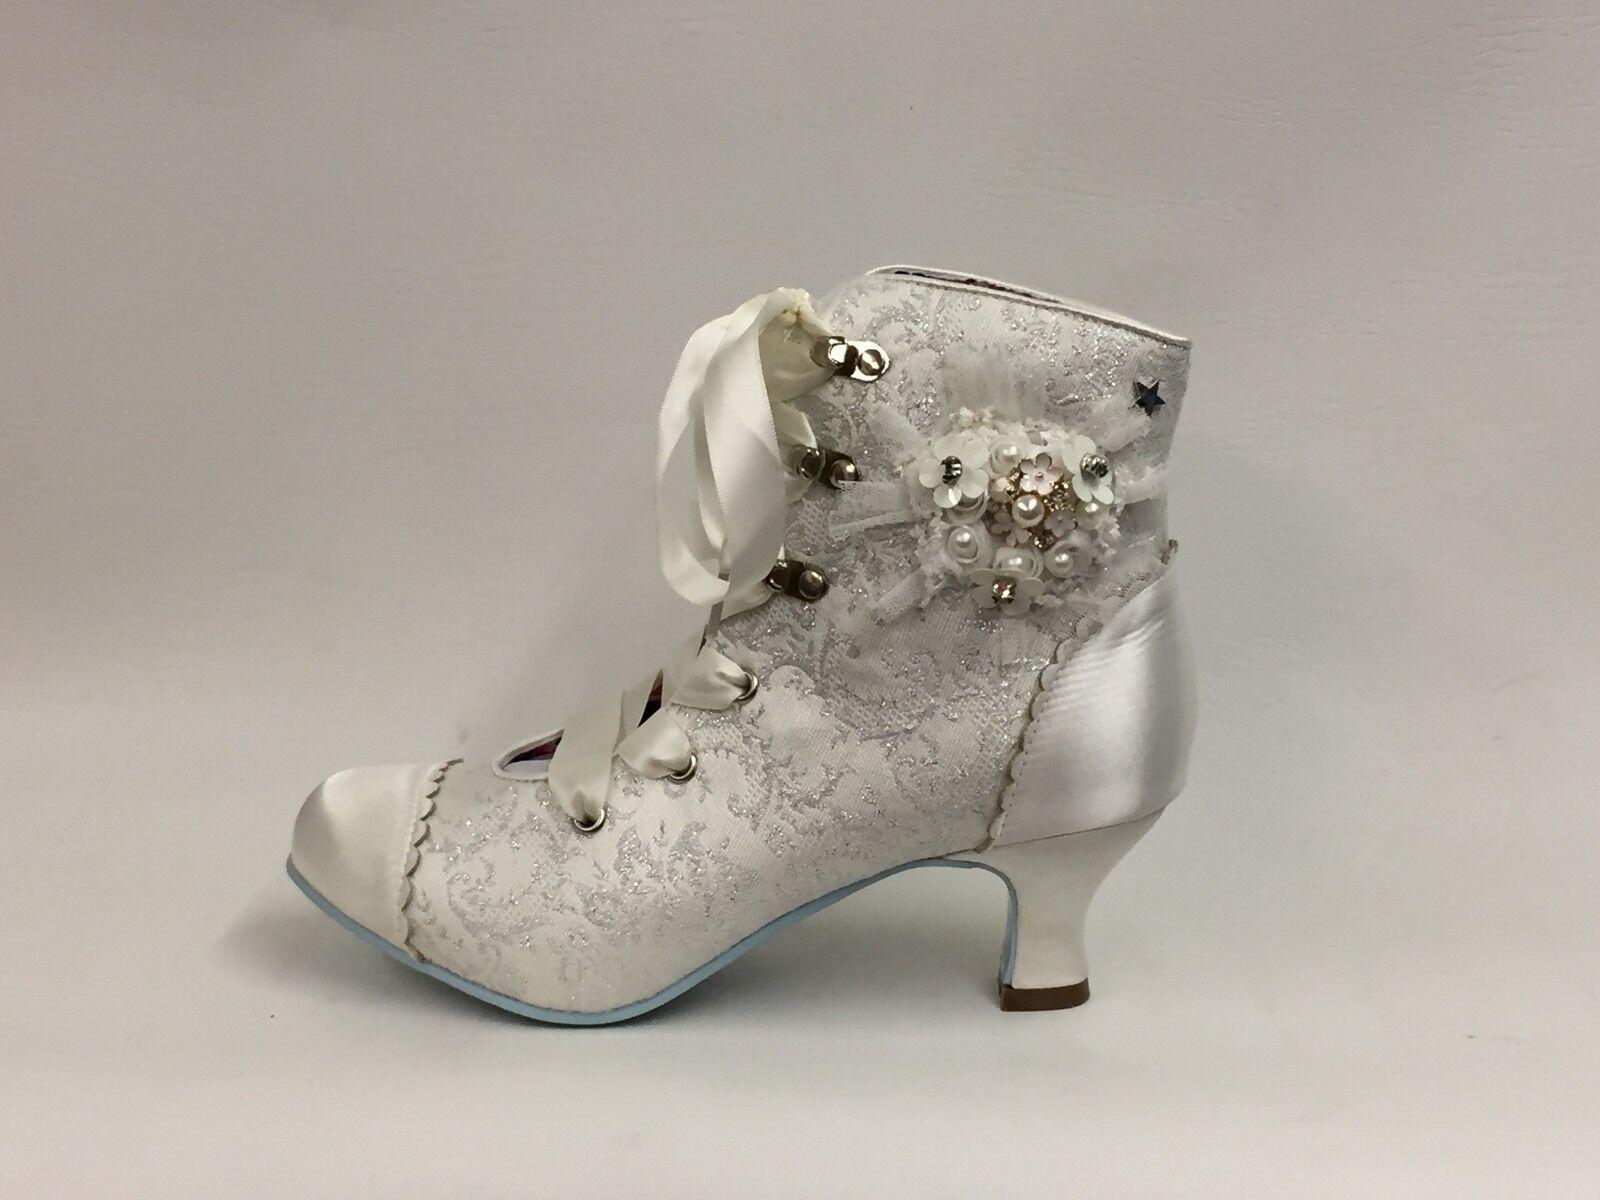 Nuevos zapatos para hombres y mujeres, descuento por tiempo limitado A estrenar en caja de las Señoras de Joe Browns Marfil hitched Botas Taco Bajo Gatito Size